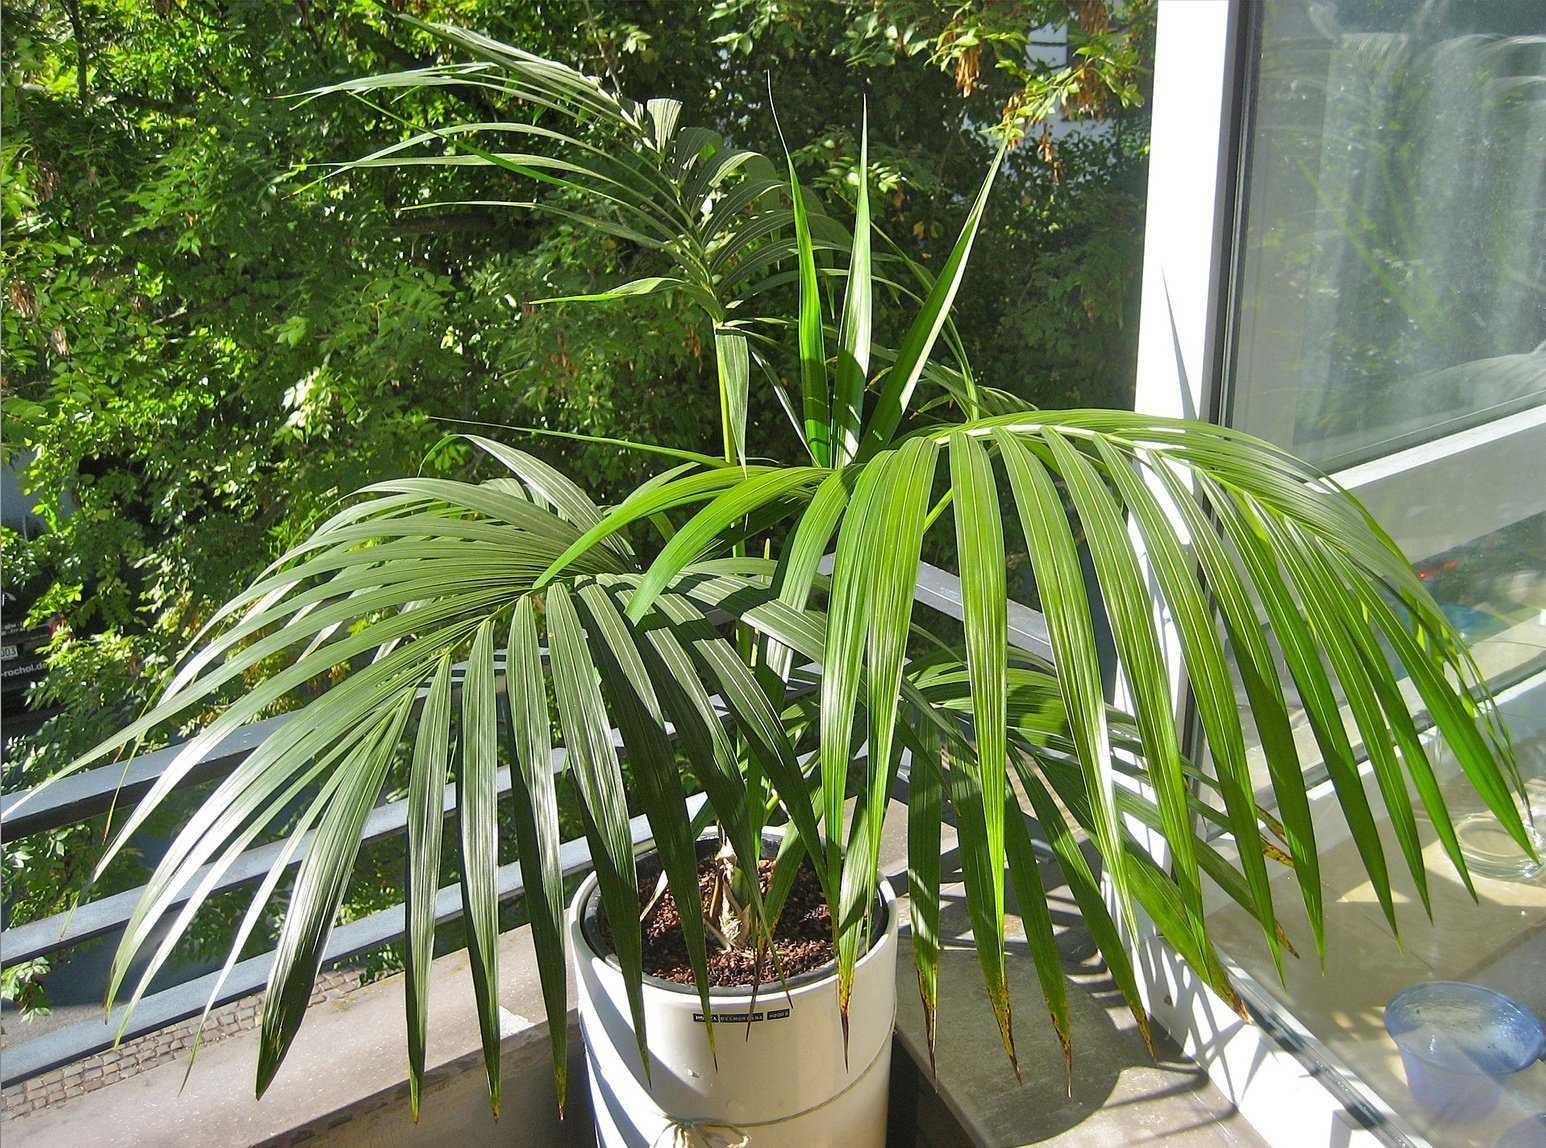 komnatnaya-palma-foto-video-vidy-palm-nazvanie-i-opisanie-rasteniya-16